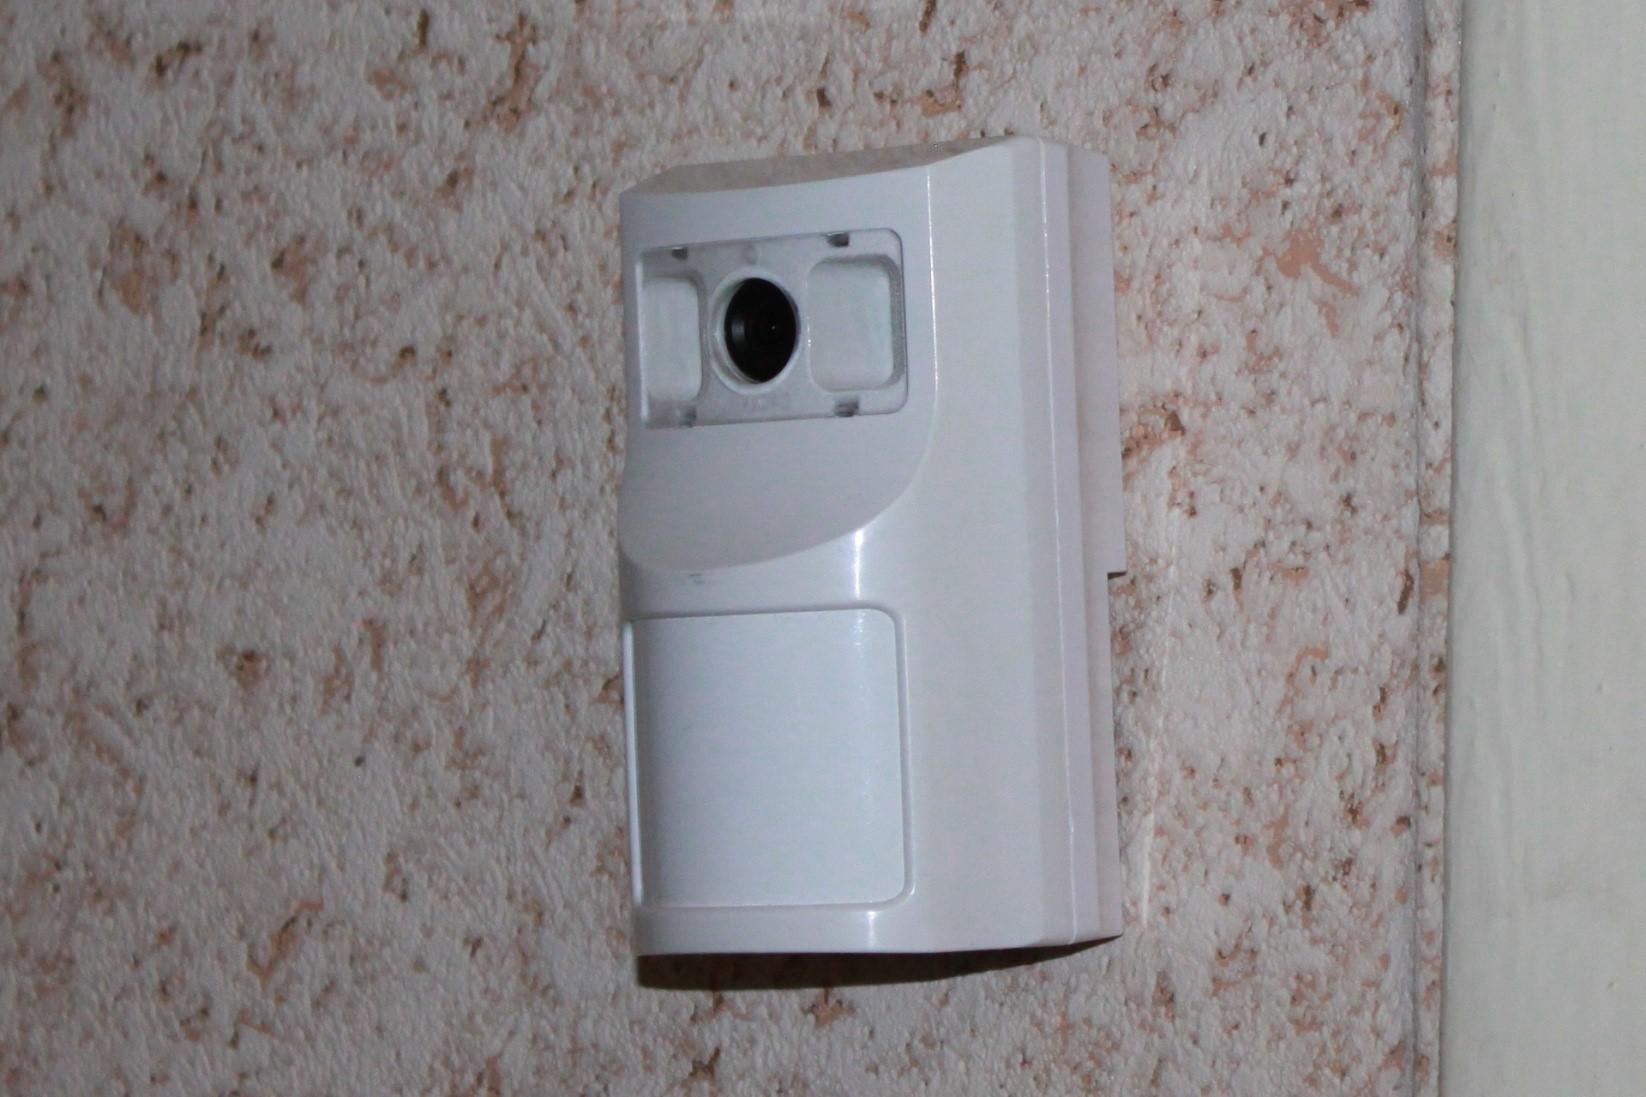 Фотосигнализация: простая и надежная камера безопасности для дома или офиса - 1